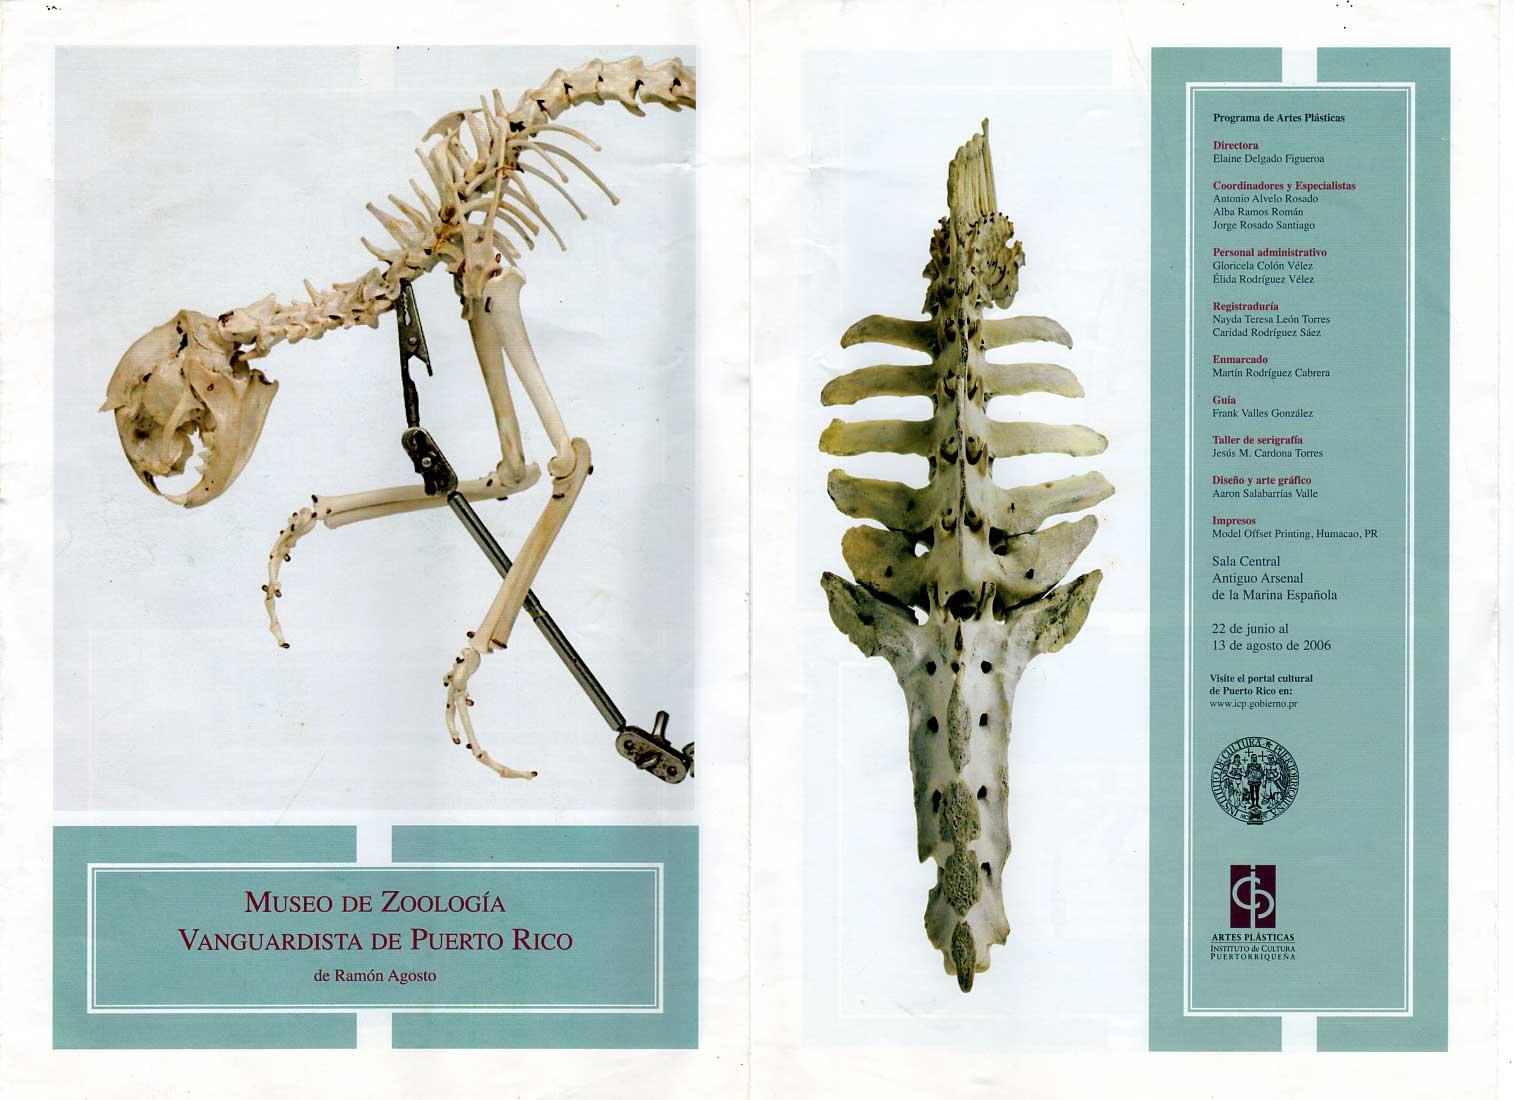 Catalogo Museo de Zoología Vanguardista de Puerto Rico de Ramón Agosto